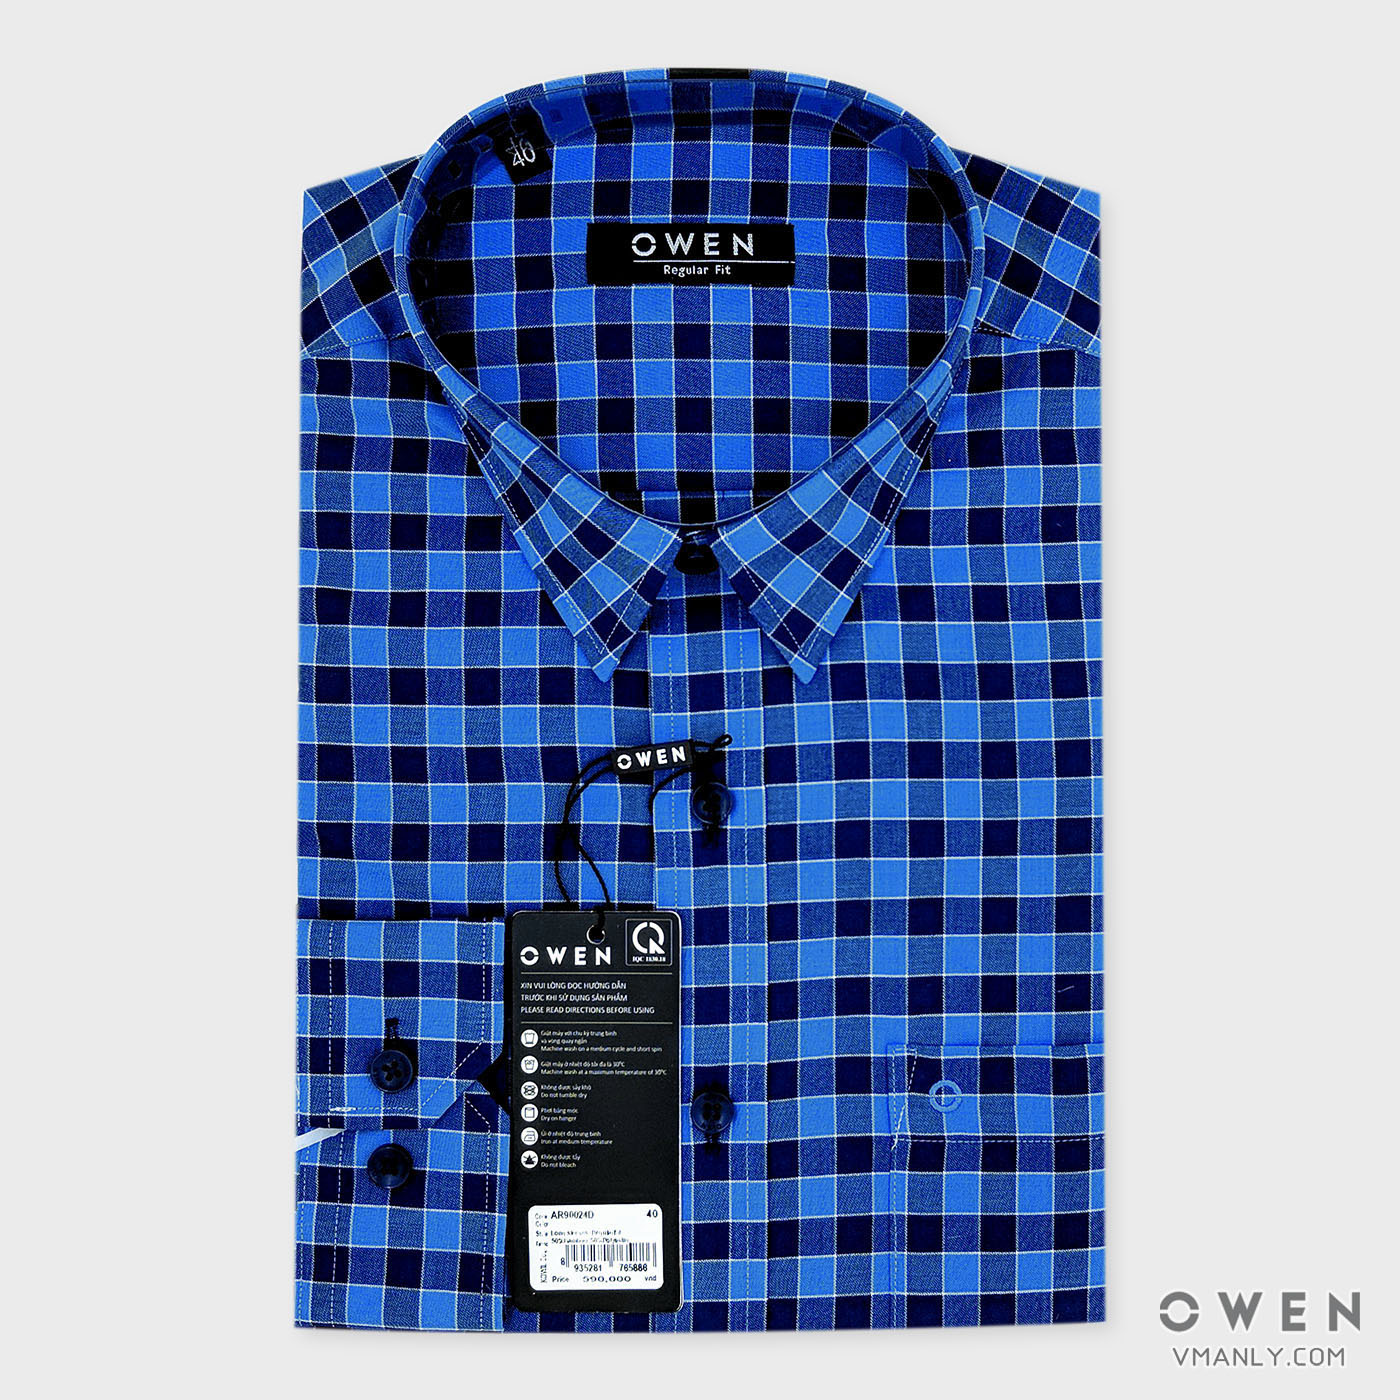 Áo sơ mi nam dài tay Owen có túi regular fit kẻ caro xanh AR90024D